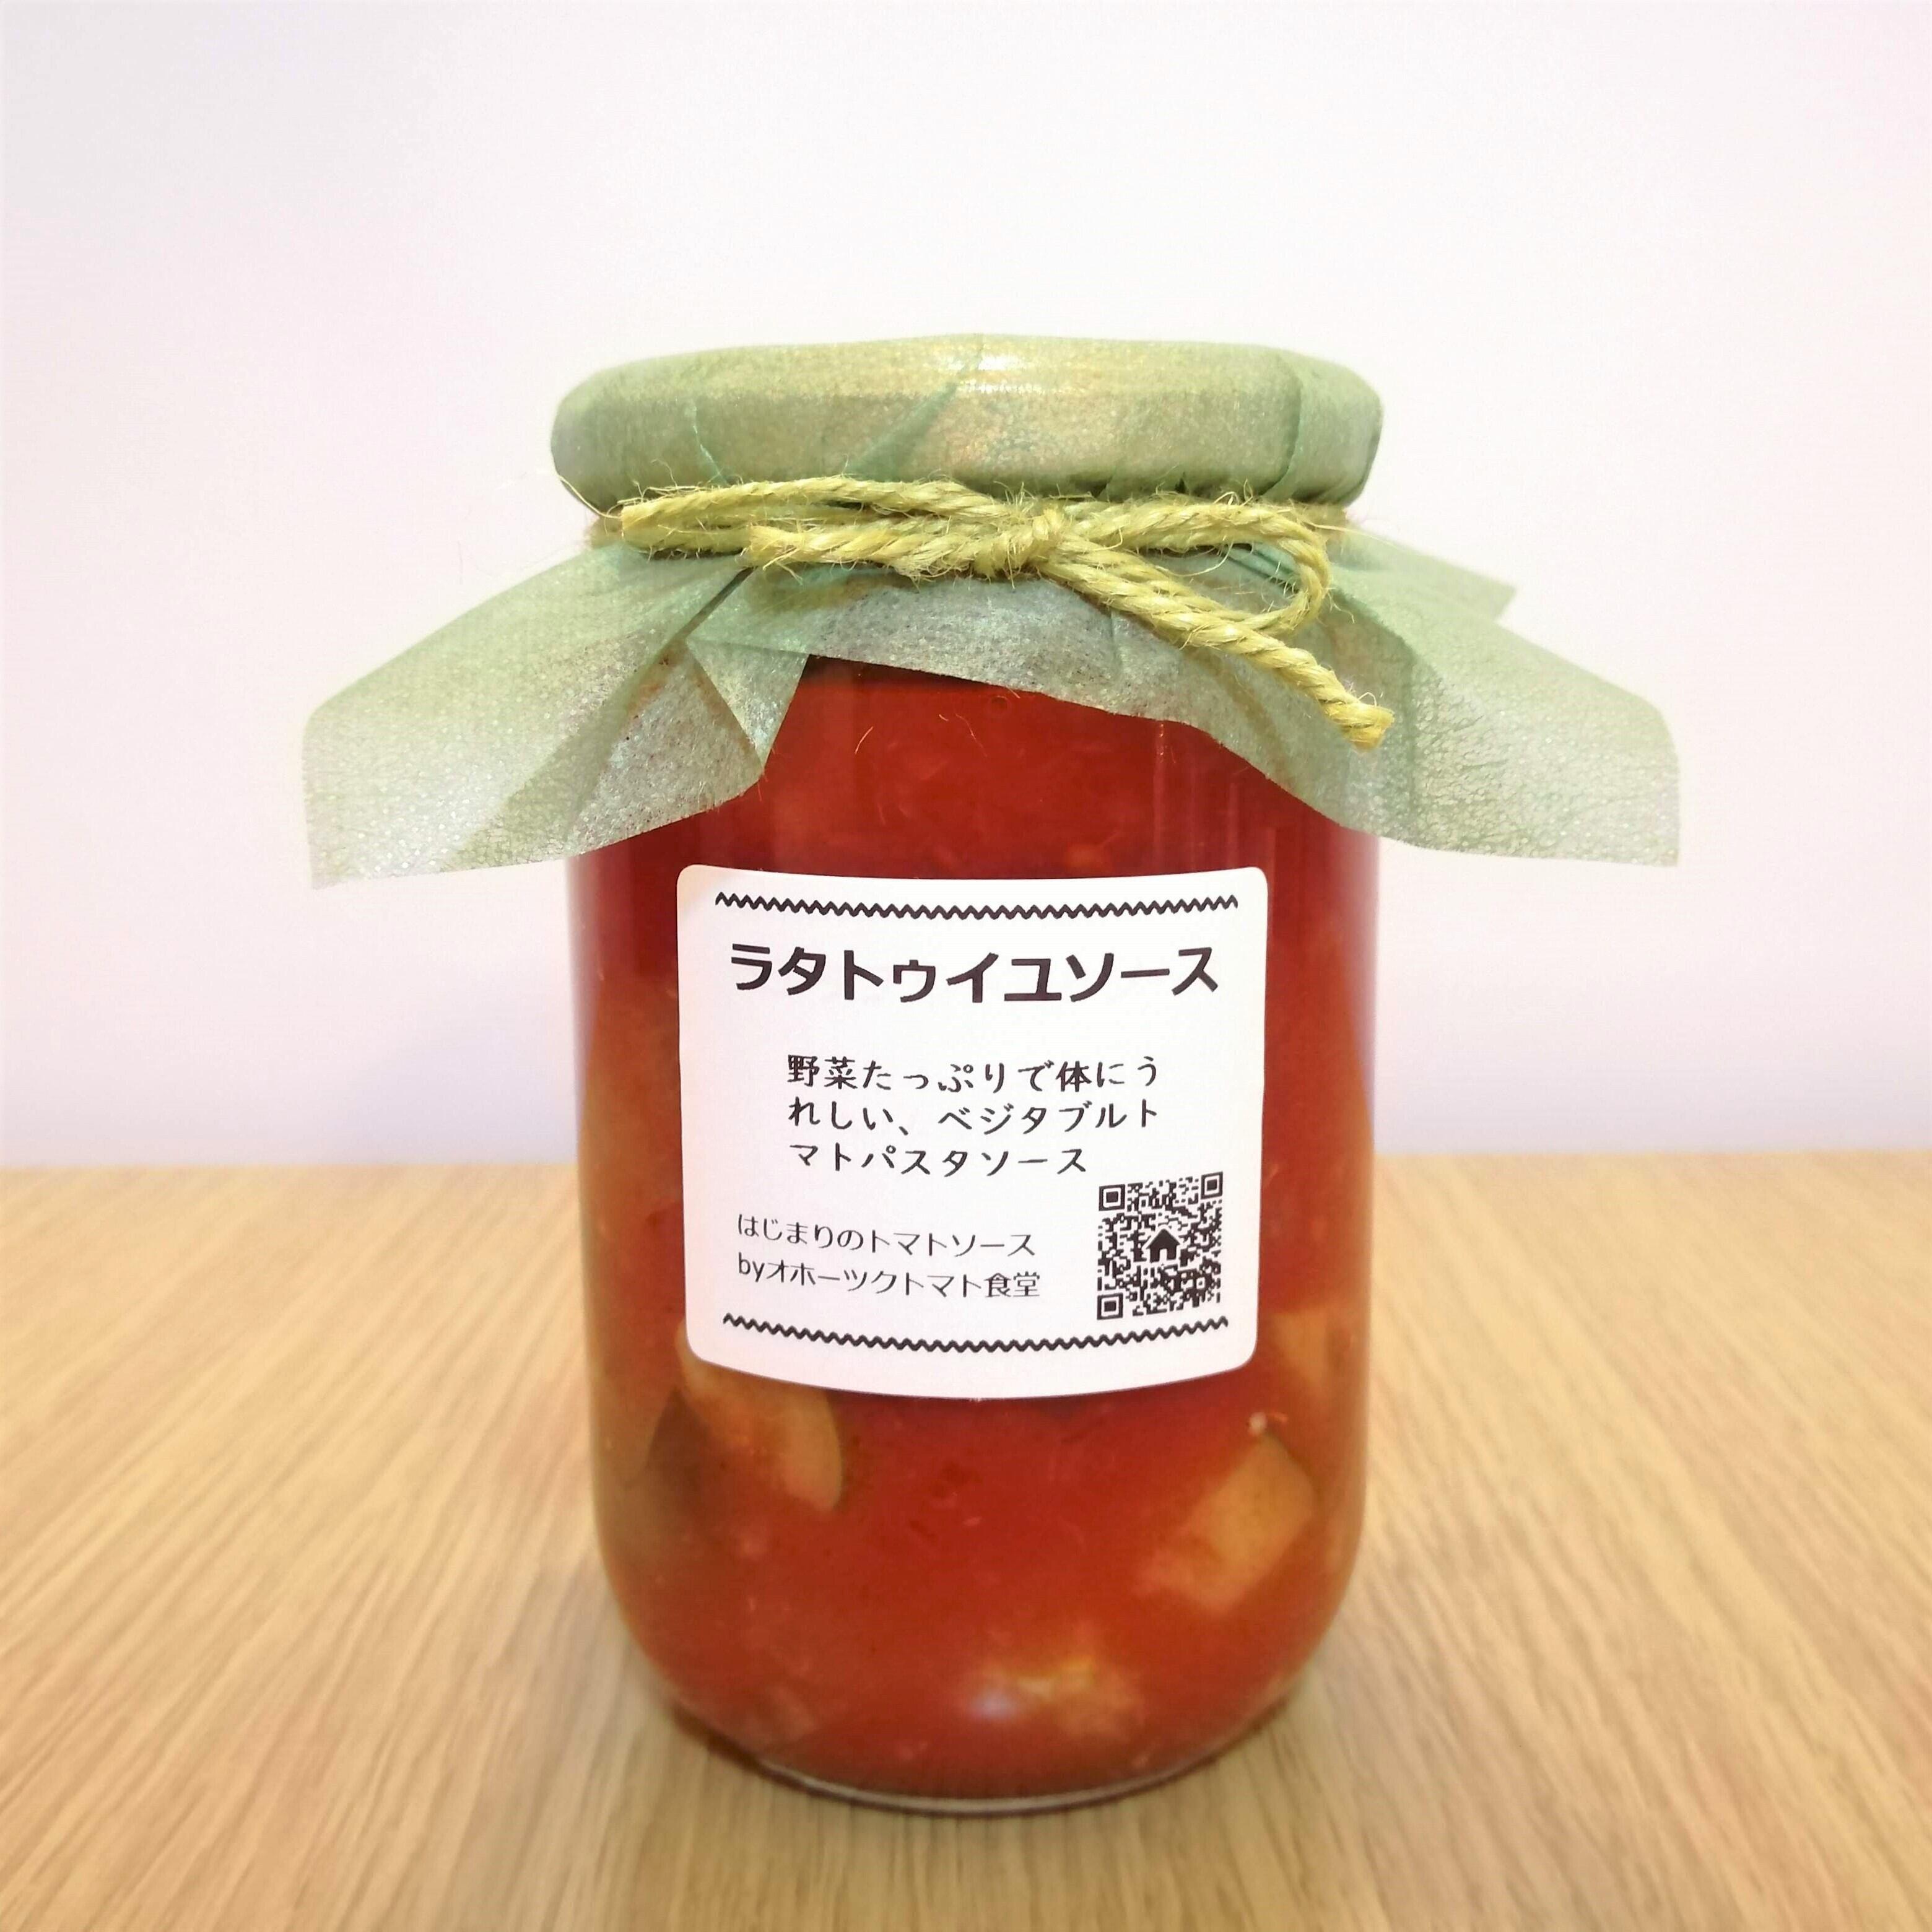 アレンジ無限大!野菜たっぷりラタトゥイユソース 300g(2人分)